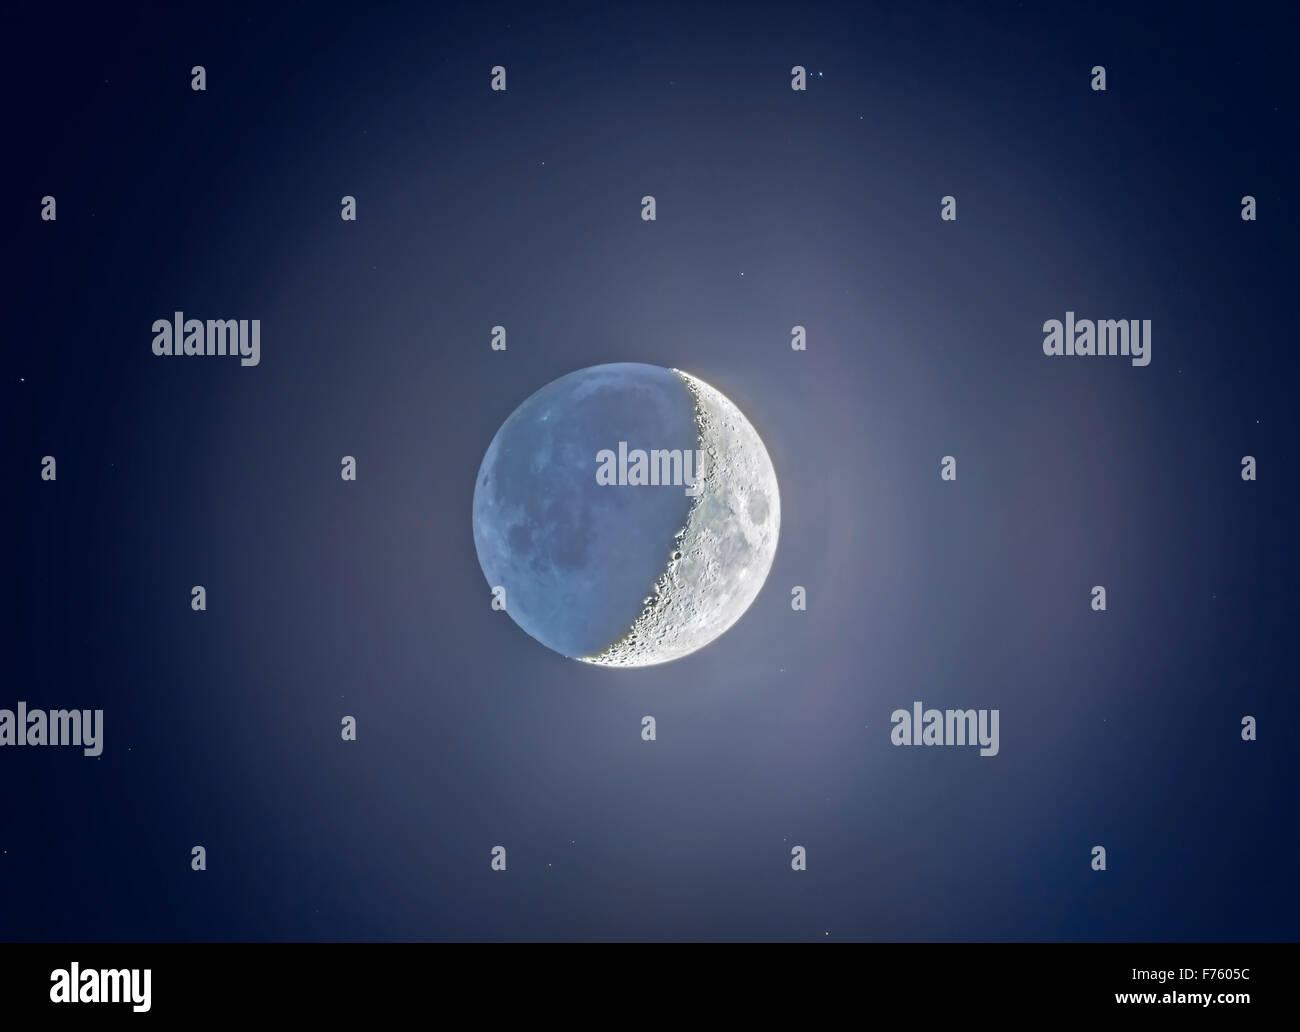 Les 5 jours, lune croissante, avec lumière cendrée sur le côté sombre. Une dynamique élevée Photo Stock